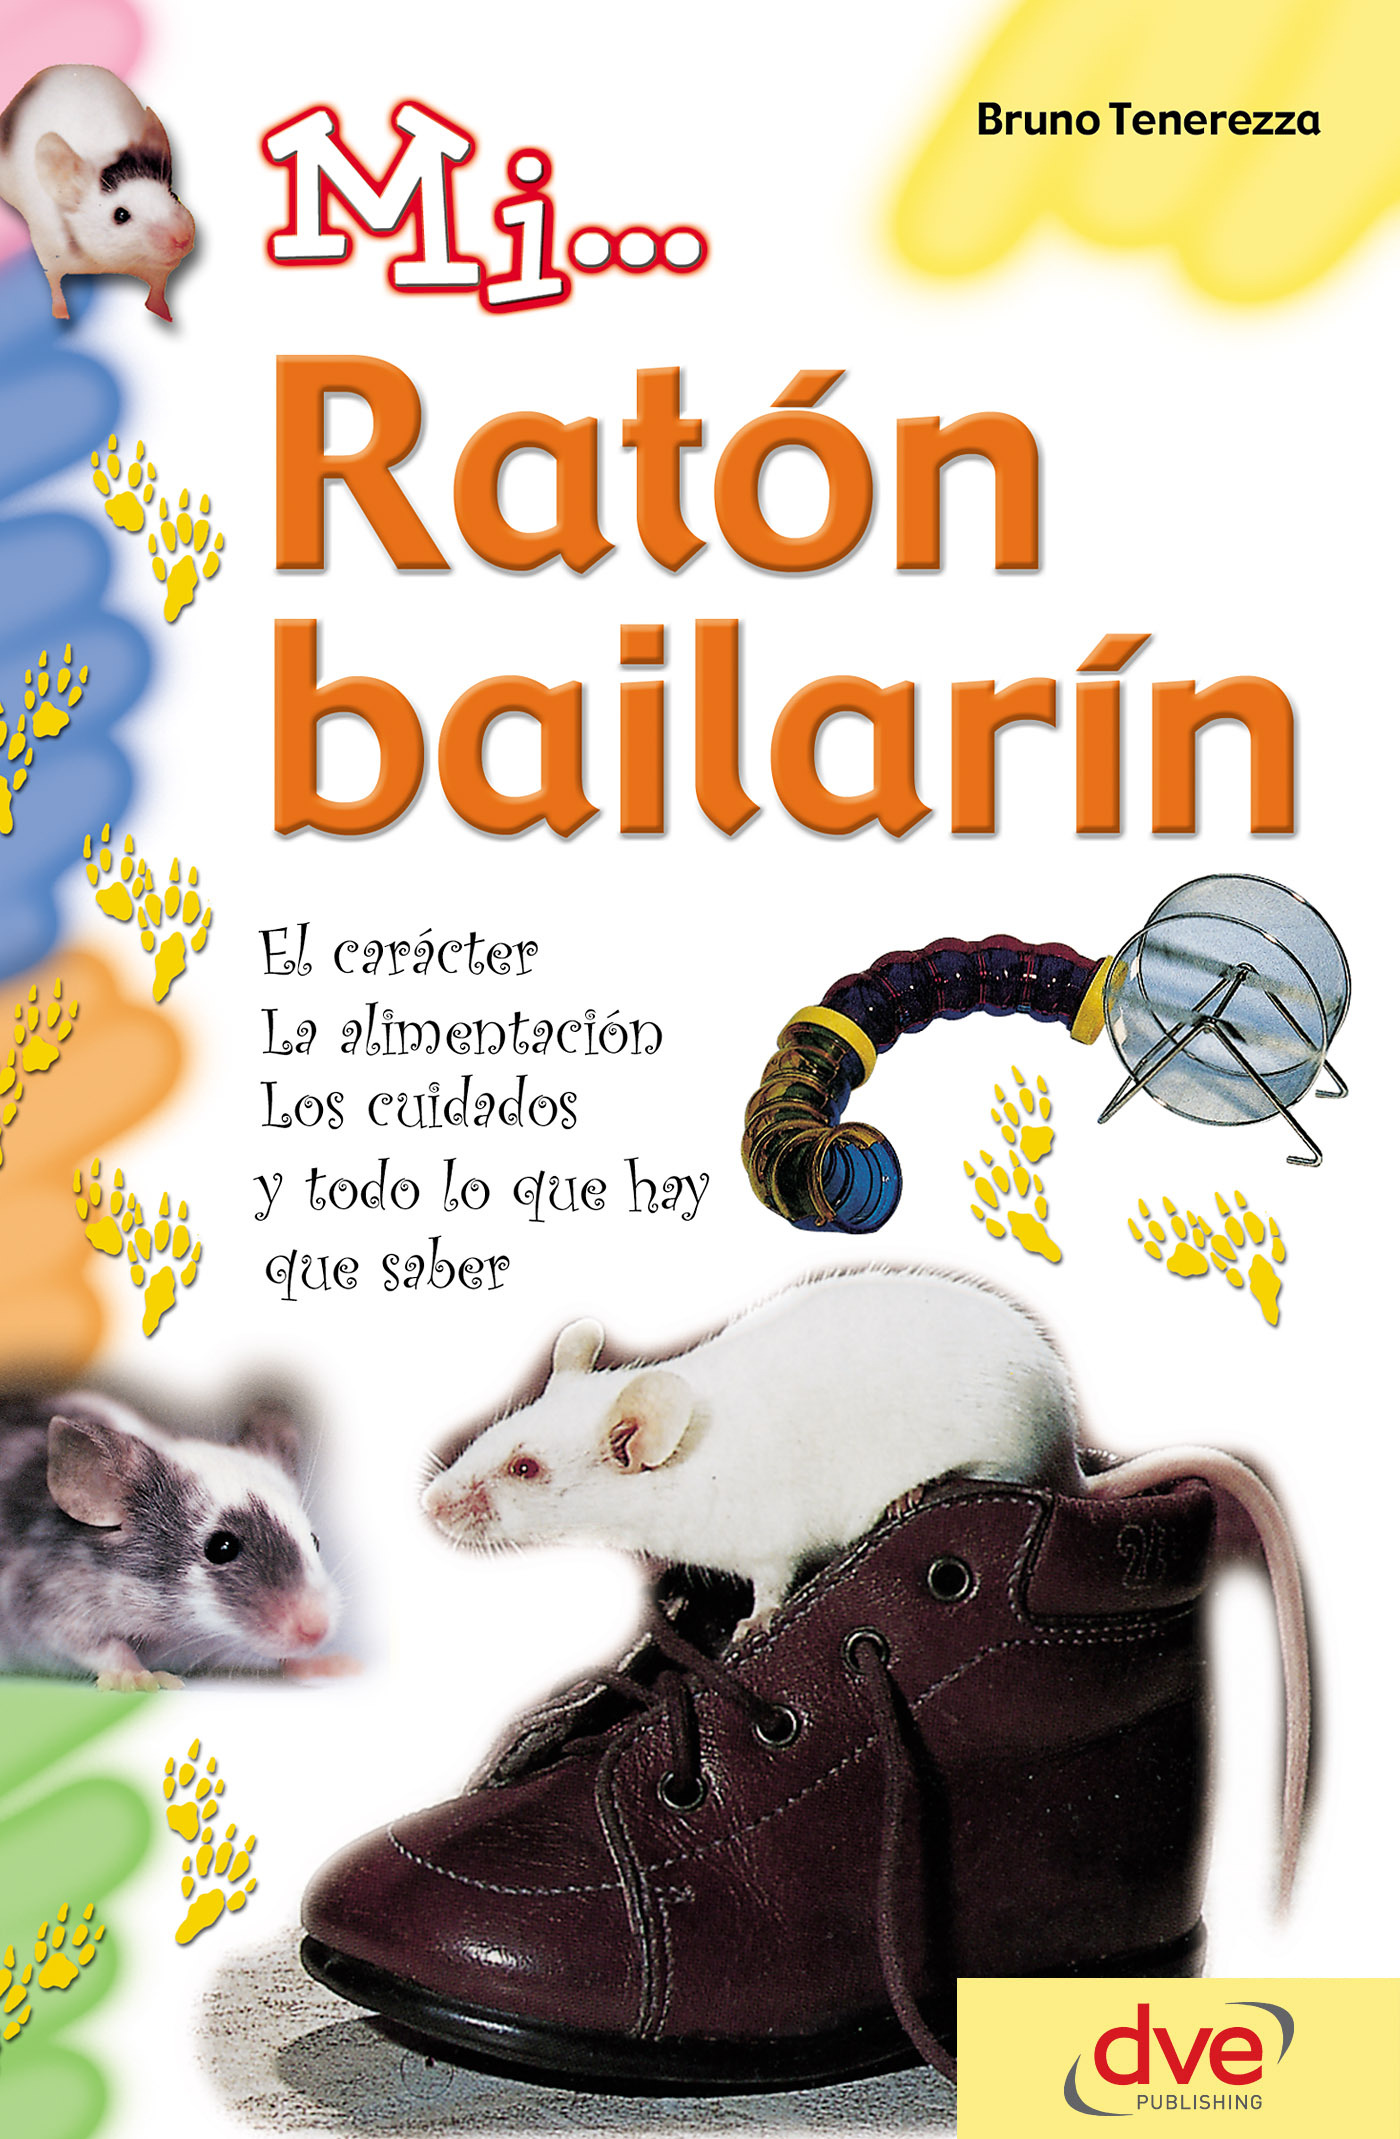 Tenerezza, Bruno - Mi... ratón bailarín: El carácter, la alimentación, los cuidados y todo lo que hay que saber, ebook